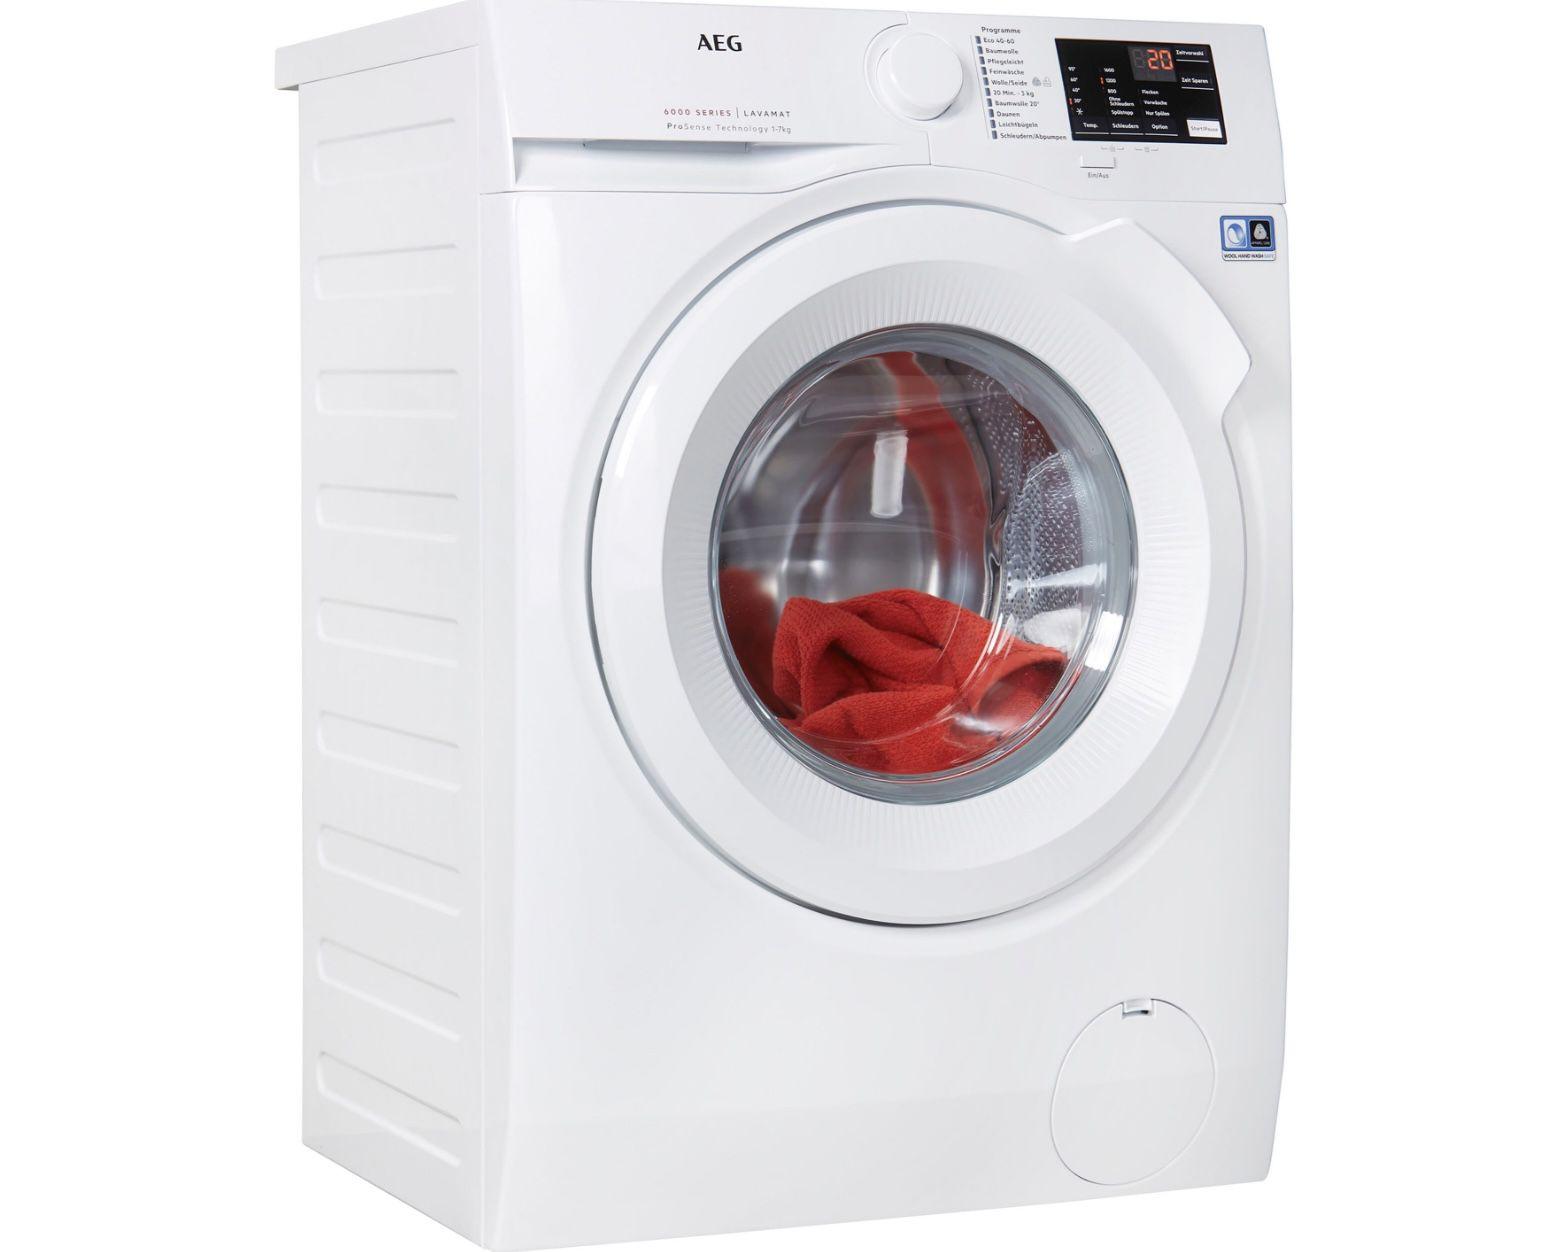 Pricedrop: AEG L6FBA5670 7kg-Waschmaschine mit 1600 U/min und EEK D für 399€ (statt 473€)